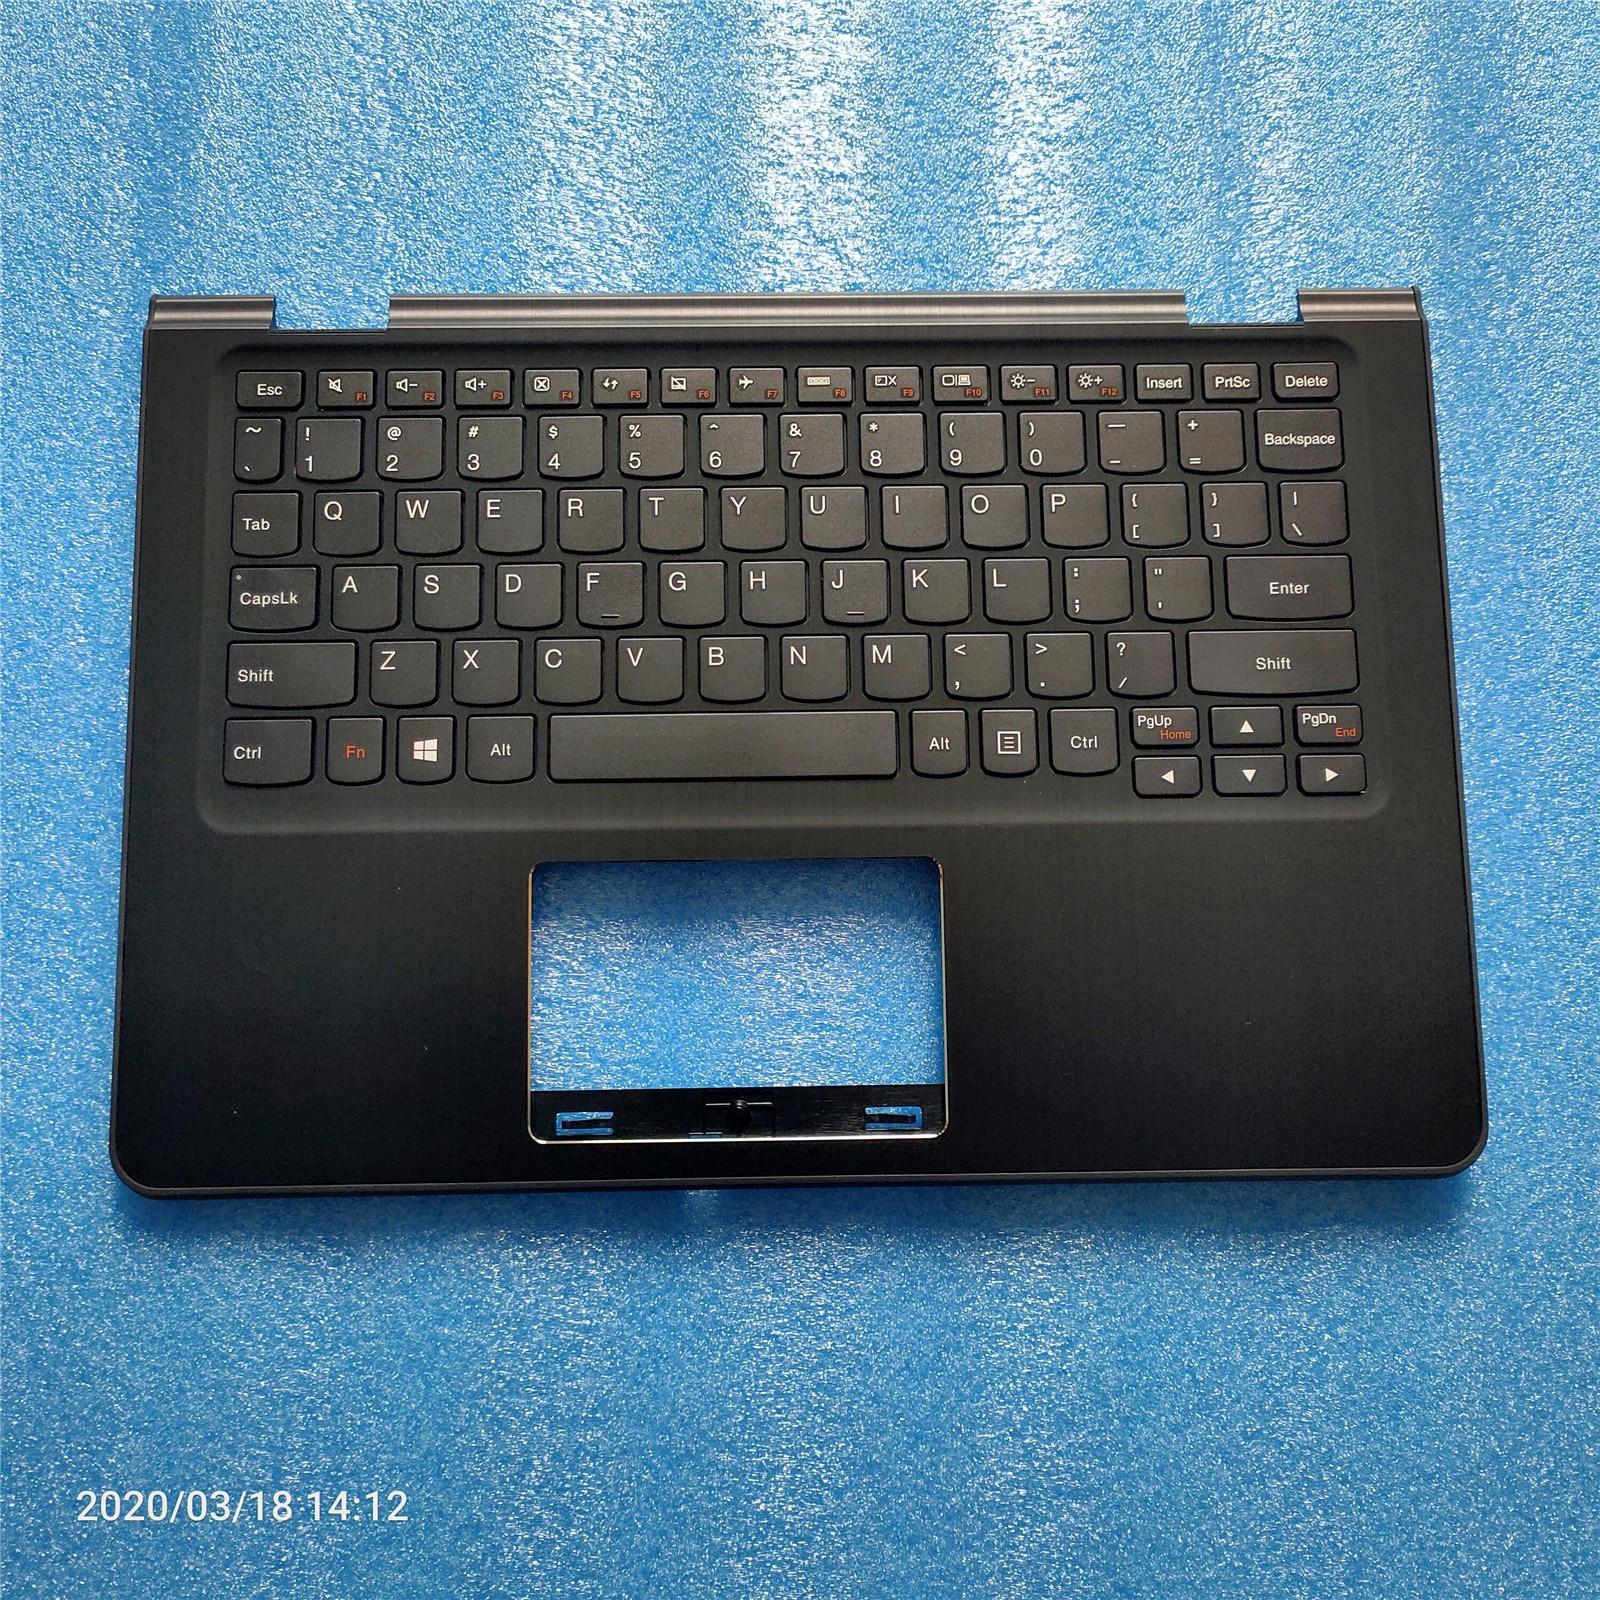 Nouveau Original pour Lenovo Flex 3 11 Yoga 300-11 Yoga 300 Palmrest boîtier supérieur couvercle de la lunette du clavier